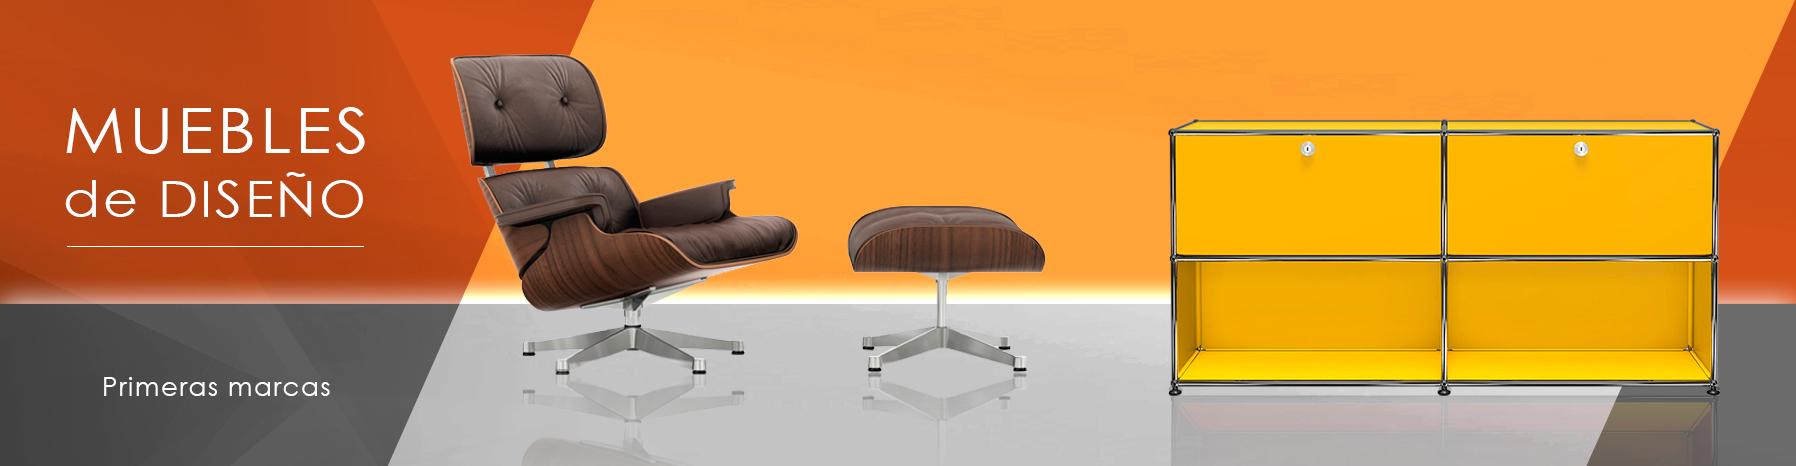 Mobiliario de diseño - Muebles Montiel